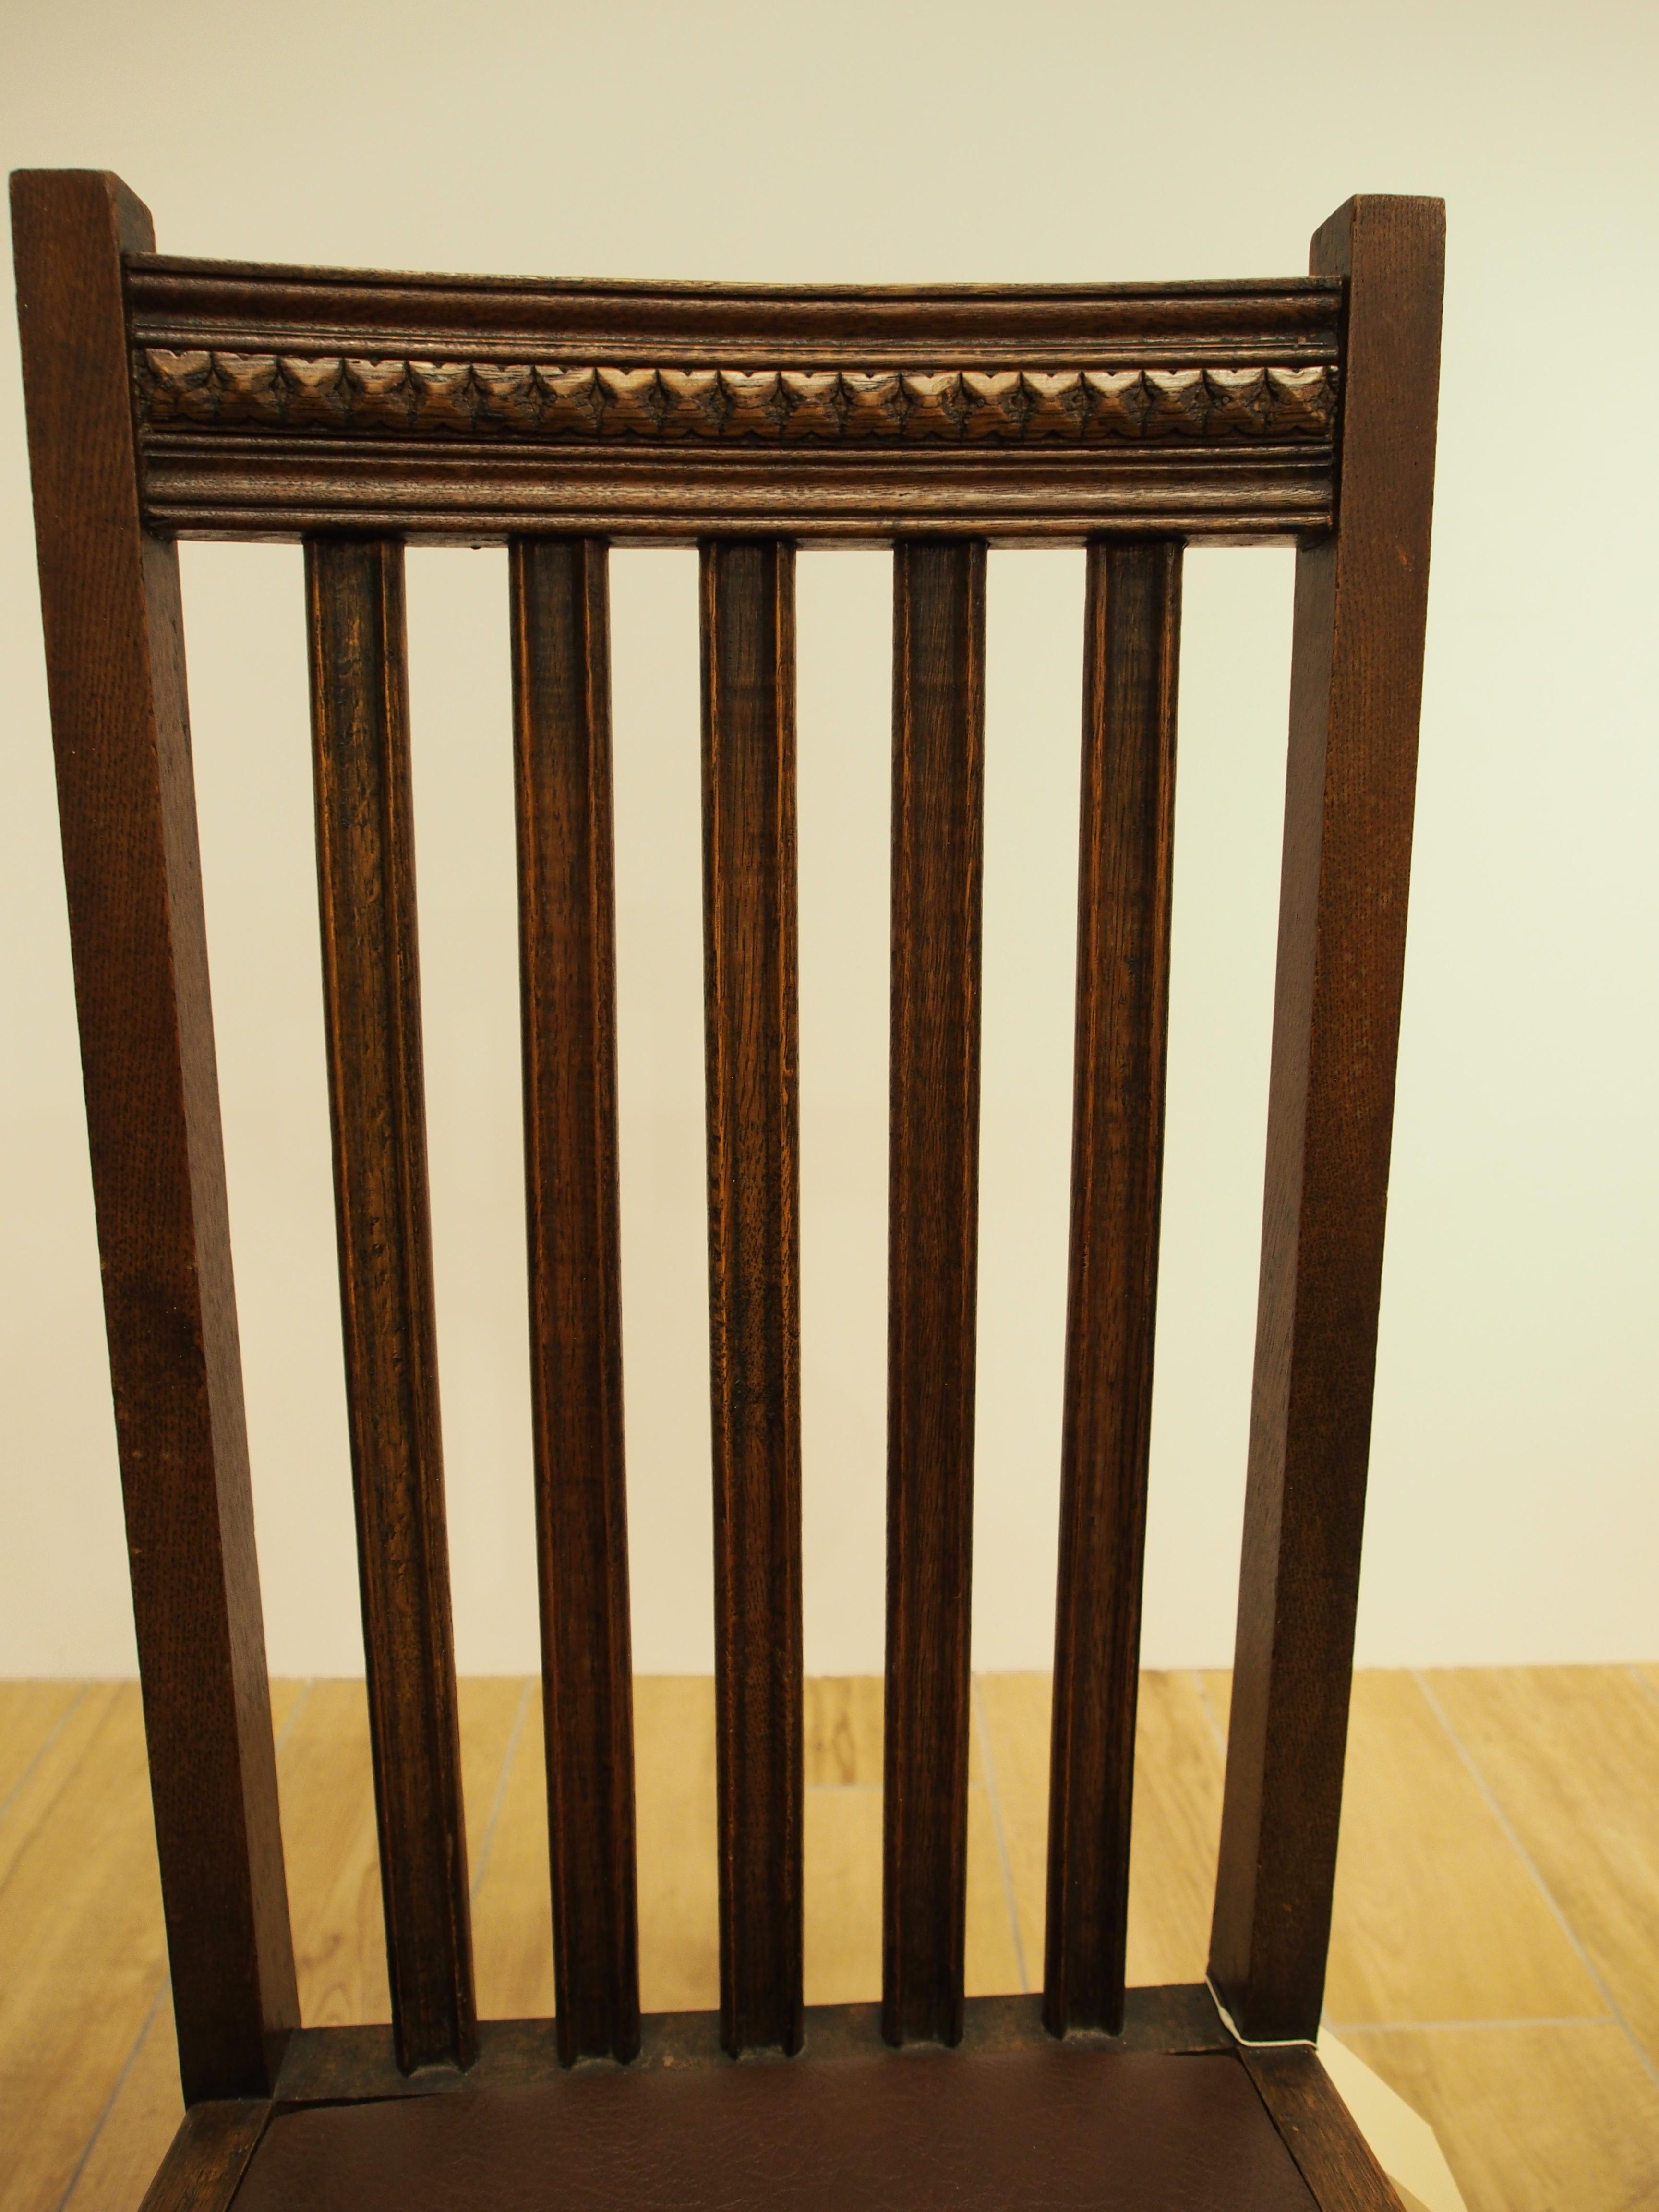 オークダイニングチェア オークチェア ダイニングチェア ハイバックチェア アンティークチェア カントリーチェア ソリッドオーク ボビンレッグ イギリスアンティーク イギリス家具 英国アンティーク 英国家具 西欧アンティーク 西欧家具 西洋アンティーク 西洋家具 UK家具 UKアンティーク 食卓椅子 ヨーロッパ家具